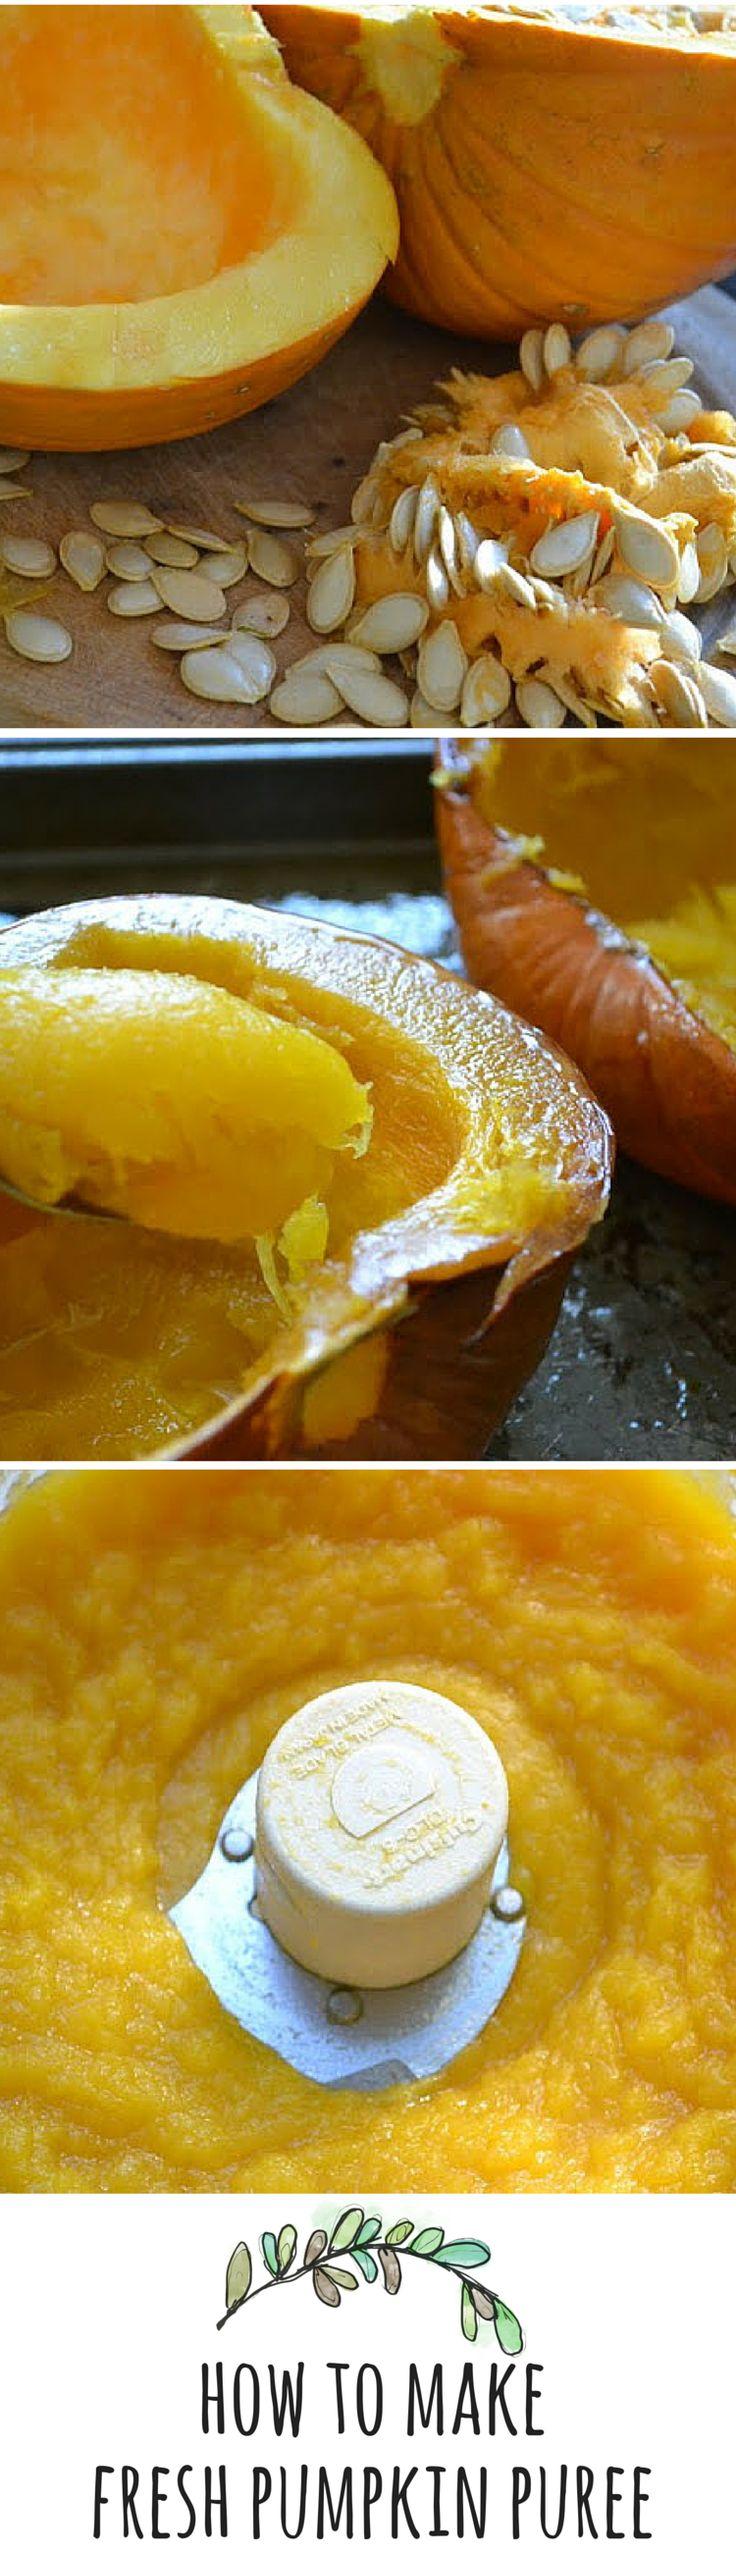 how to make fresh pumpkin puree